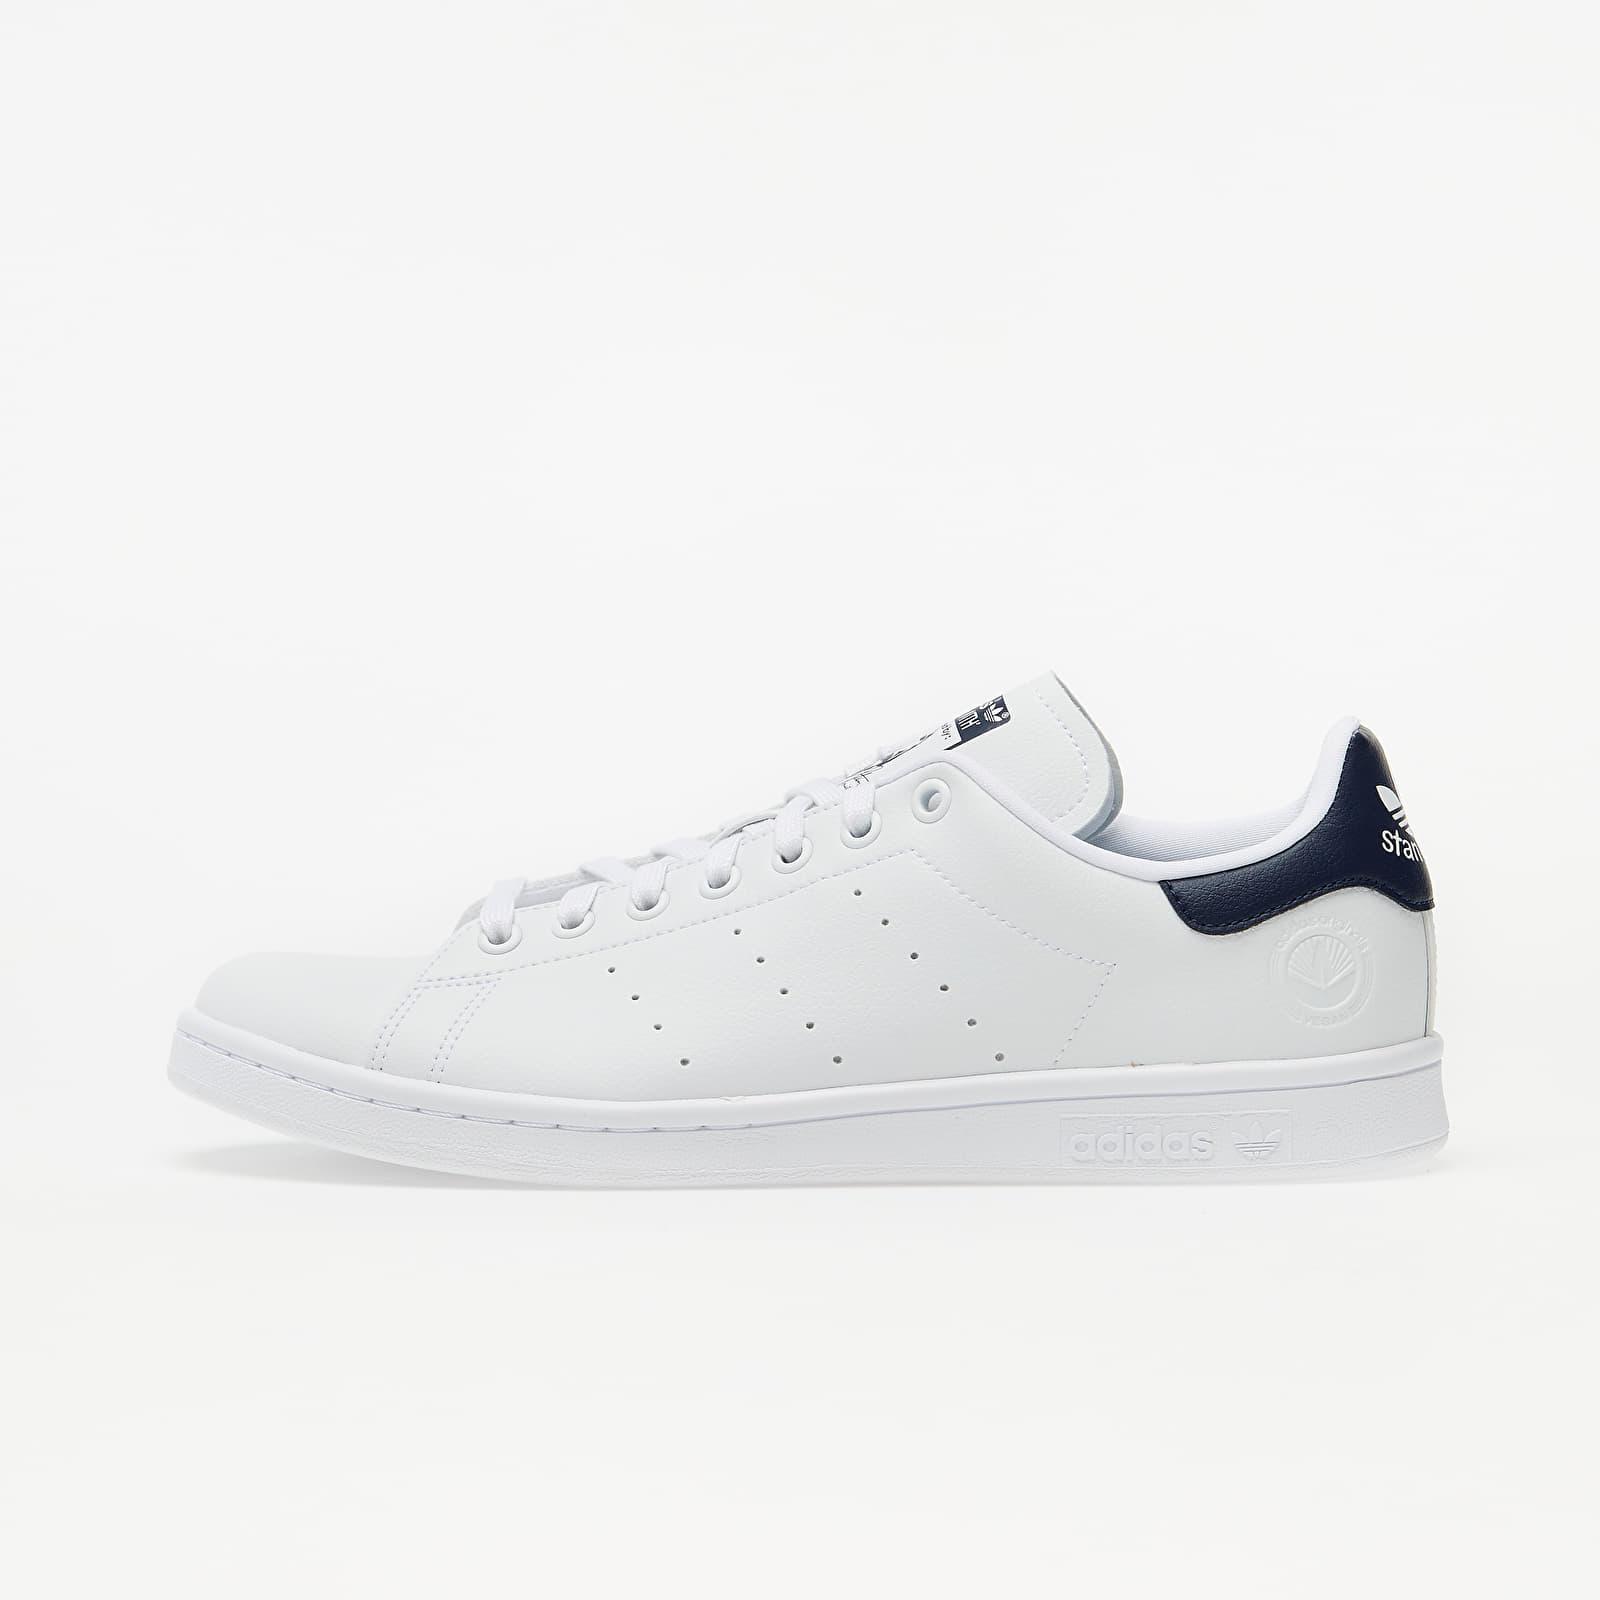 adidas Stan Smith Vegan Ftw White/ Collegiate Navy/ Green EUR 37 1/3